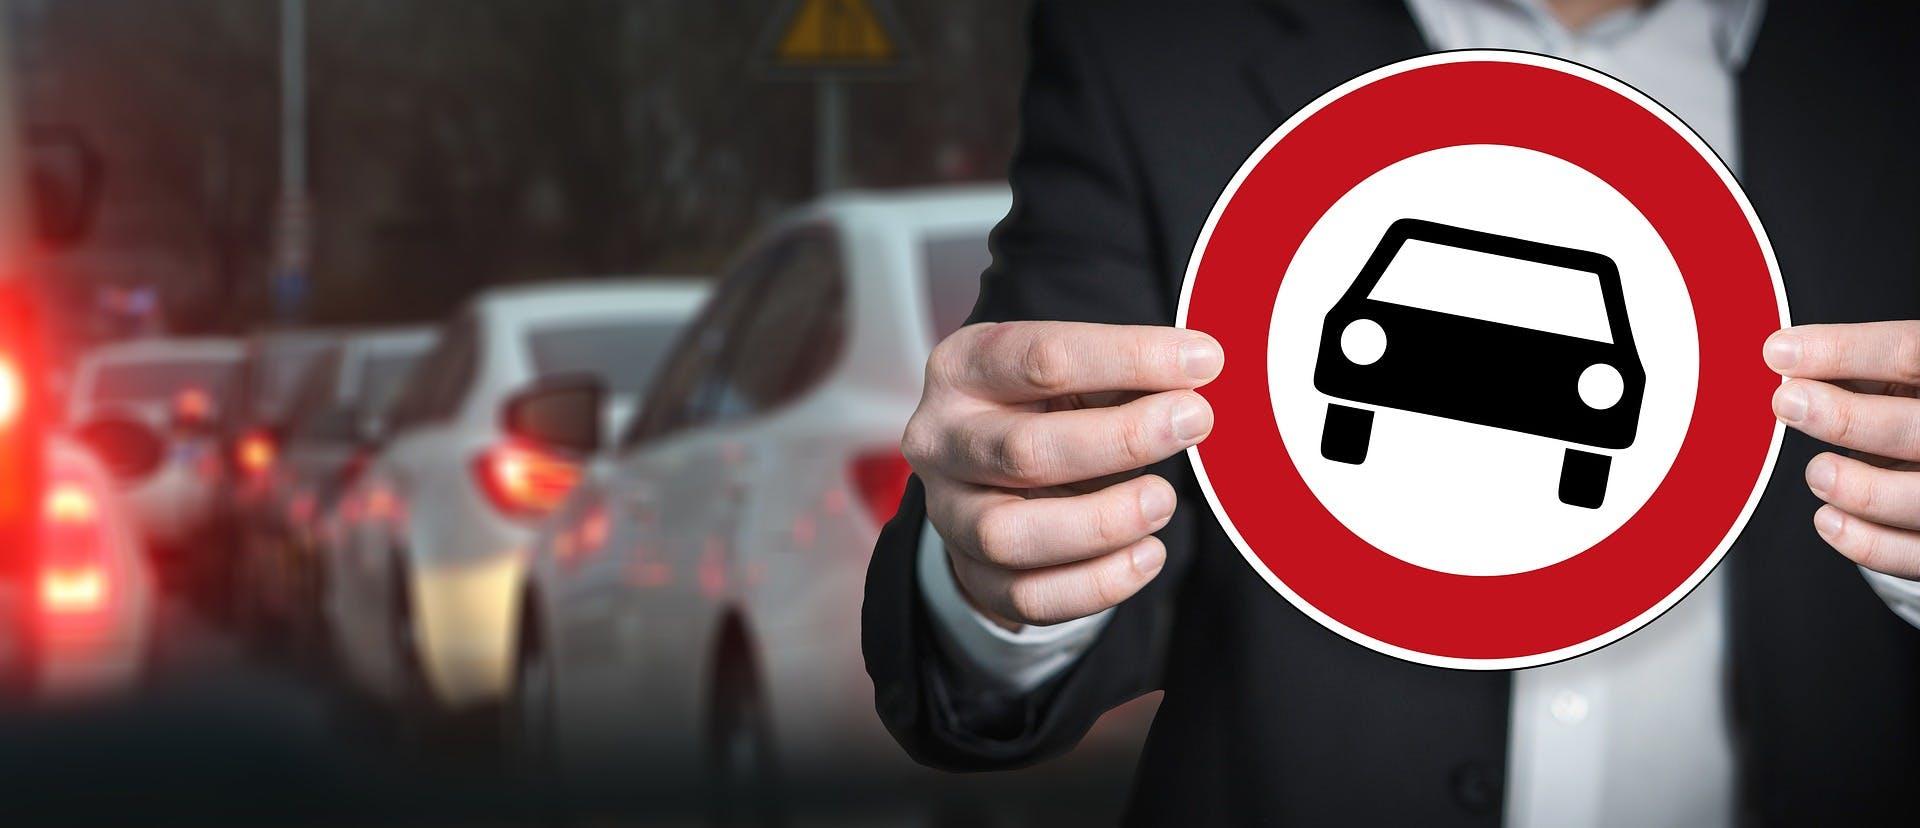 car ban